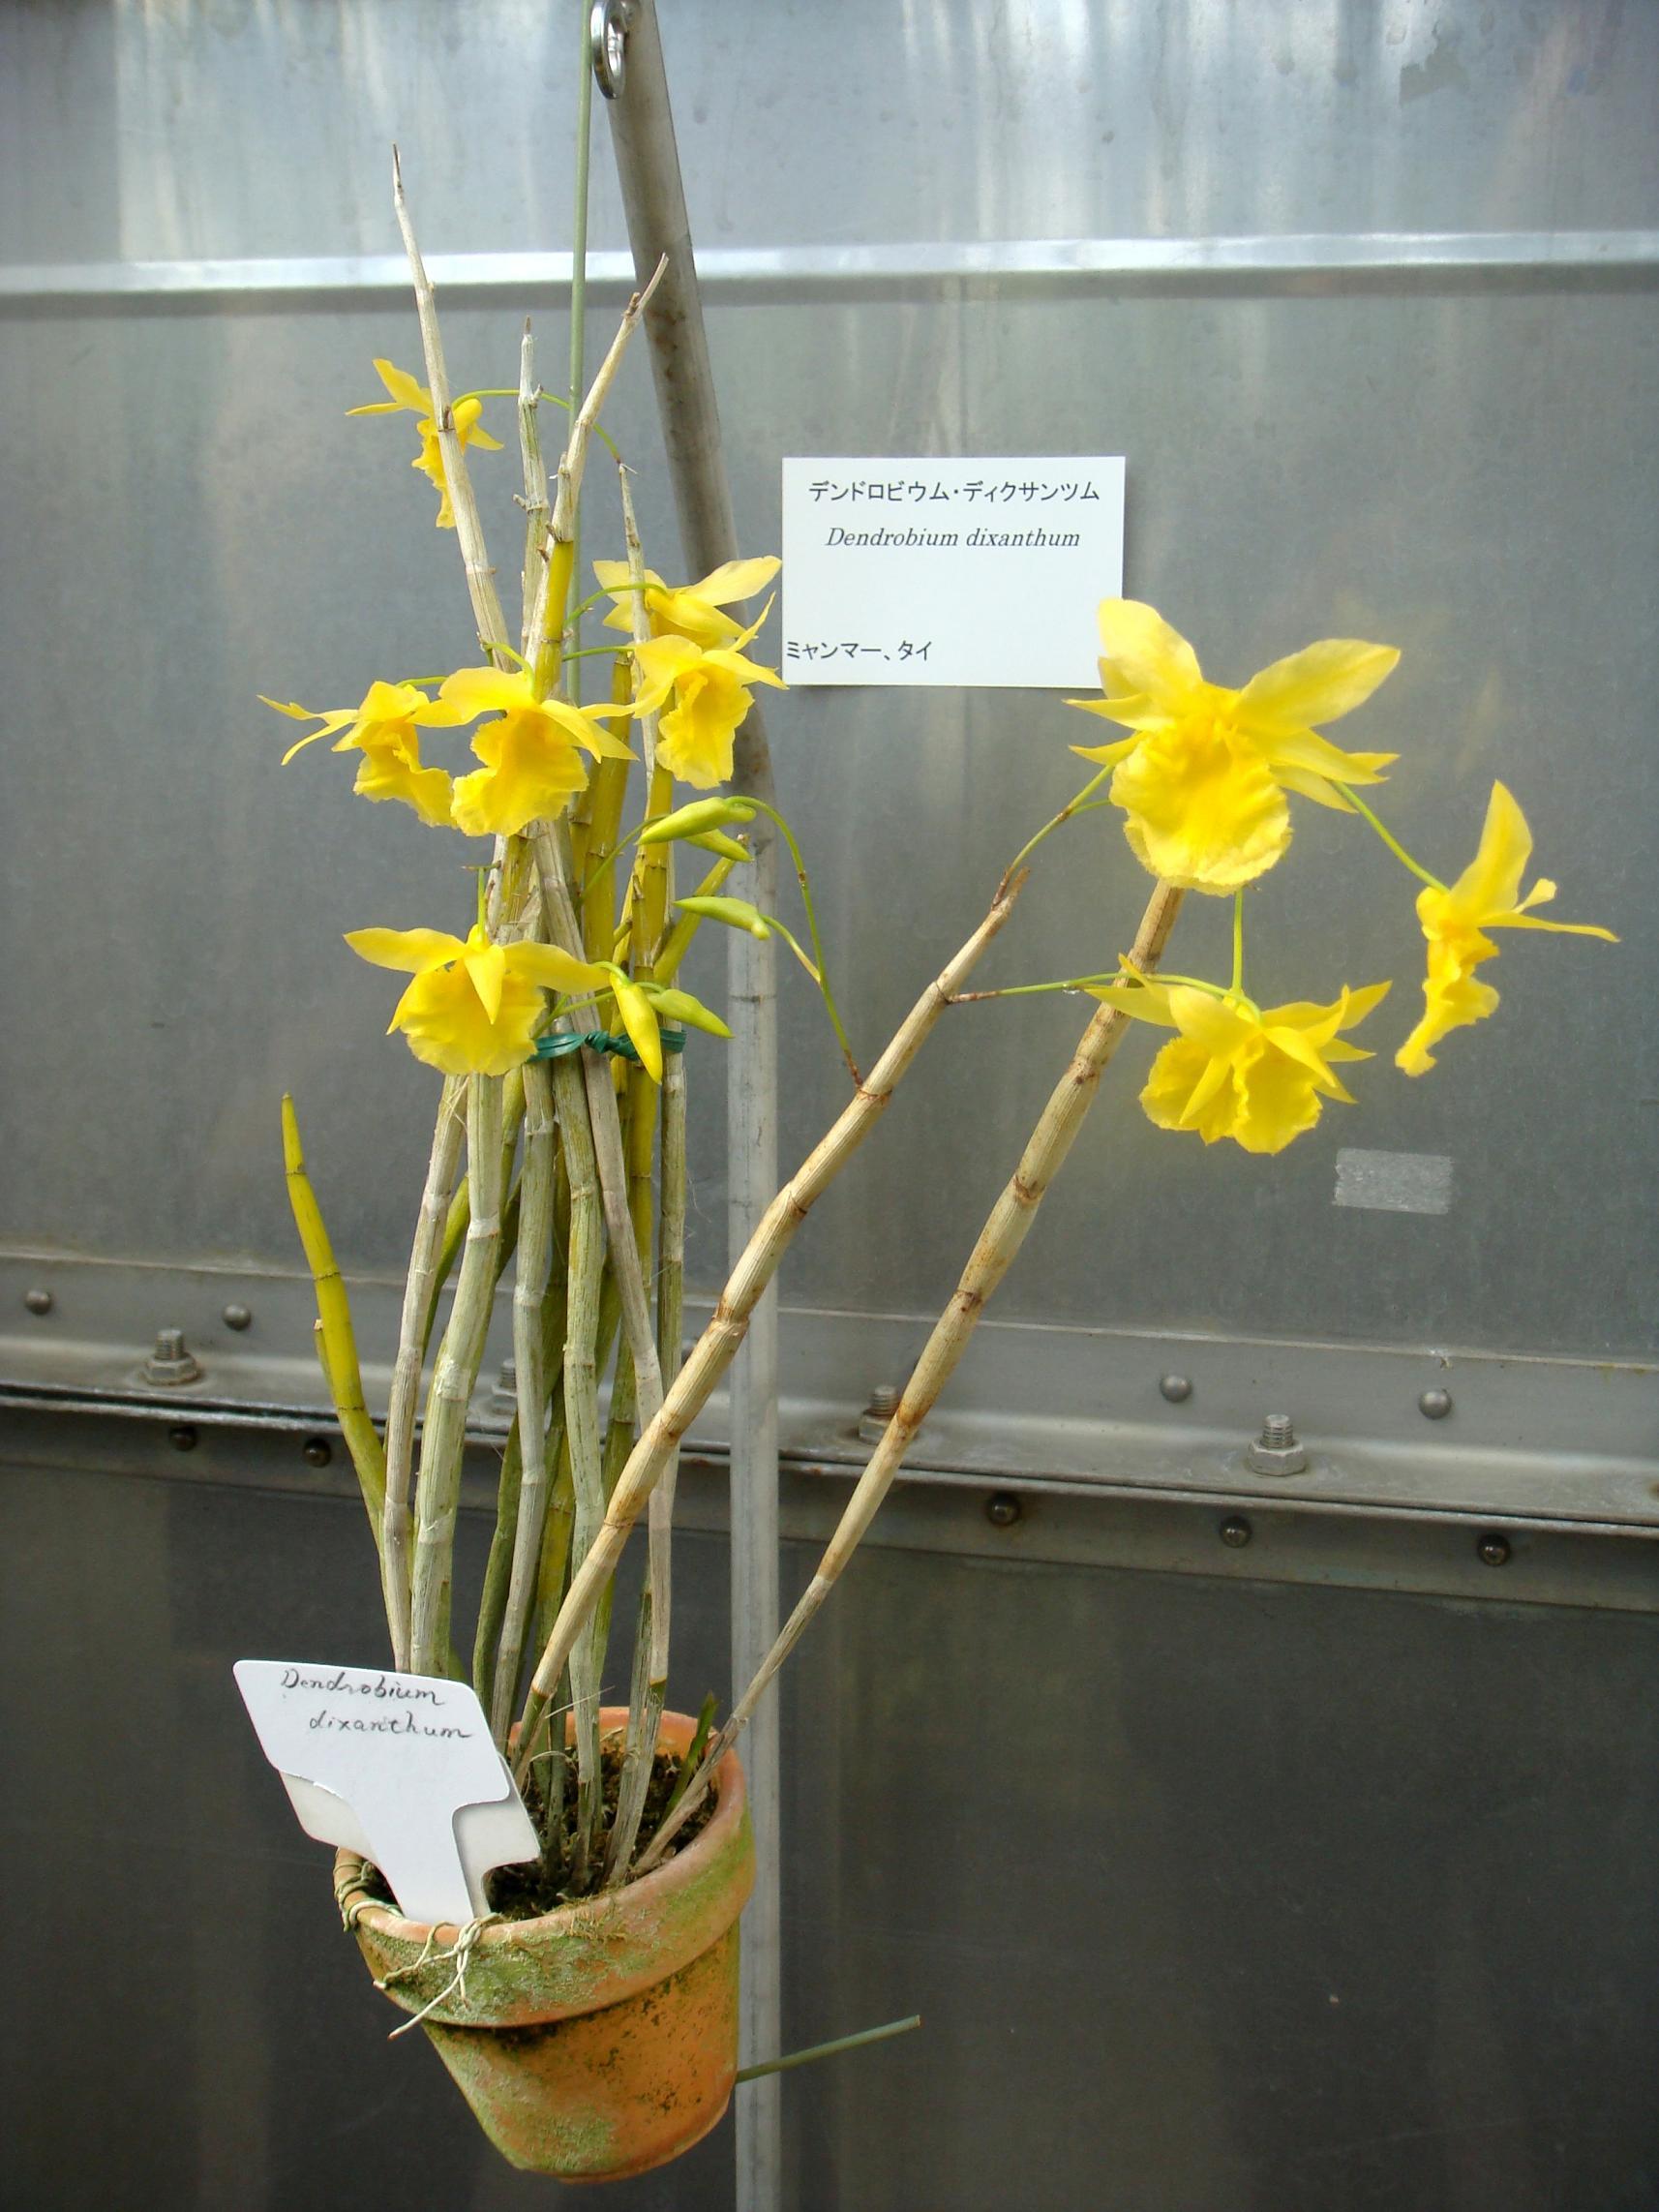 http://orchids.la.coocan.jp/Dendrobium/Dendrobium%20dixanthum/DSC03043.JPG